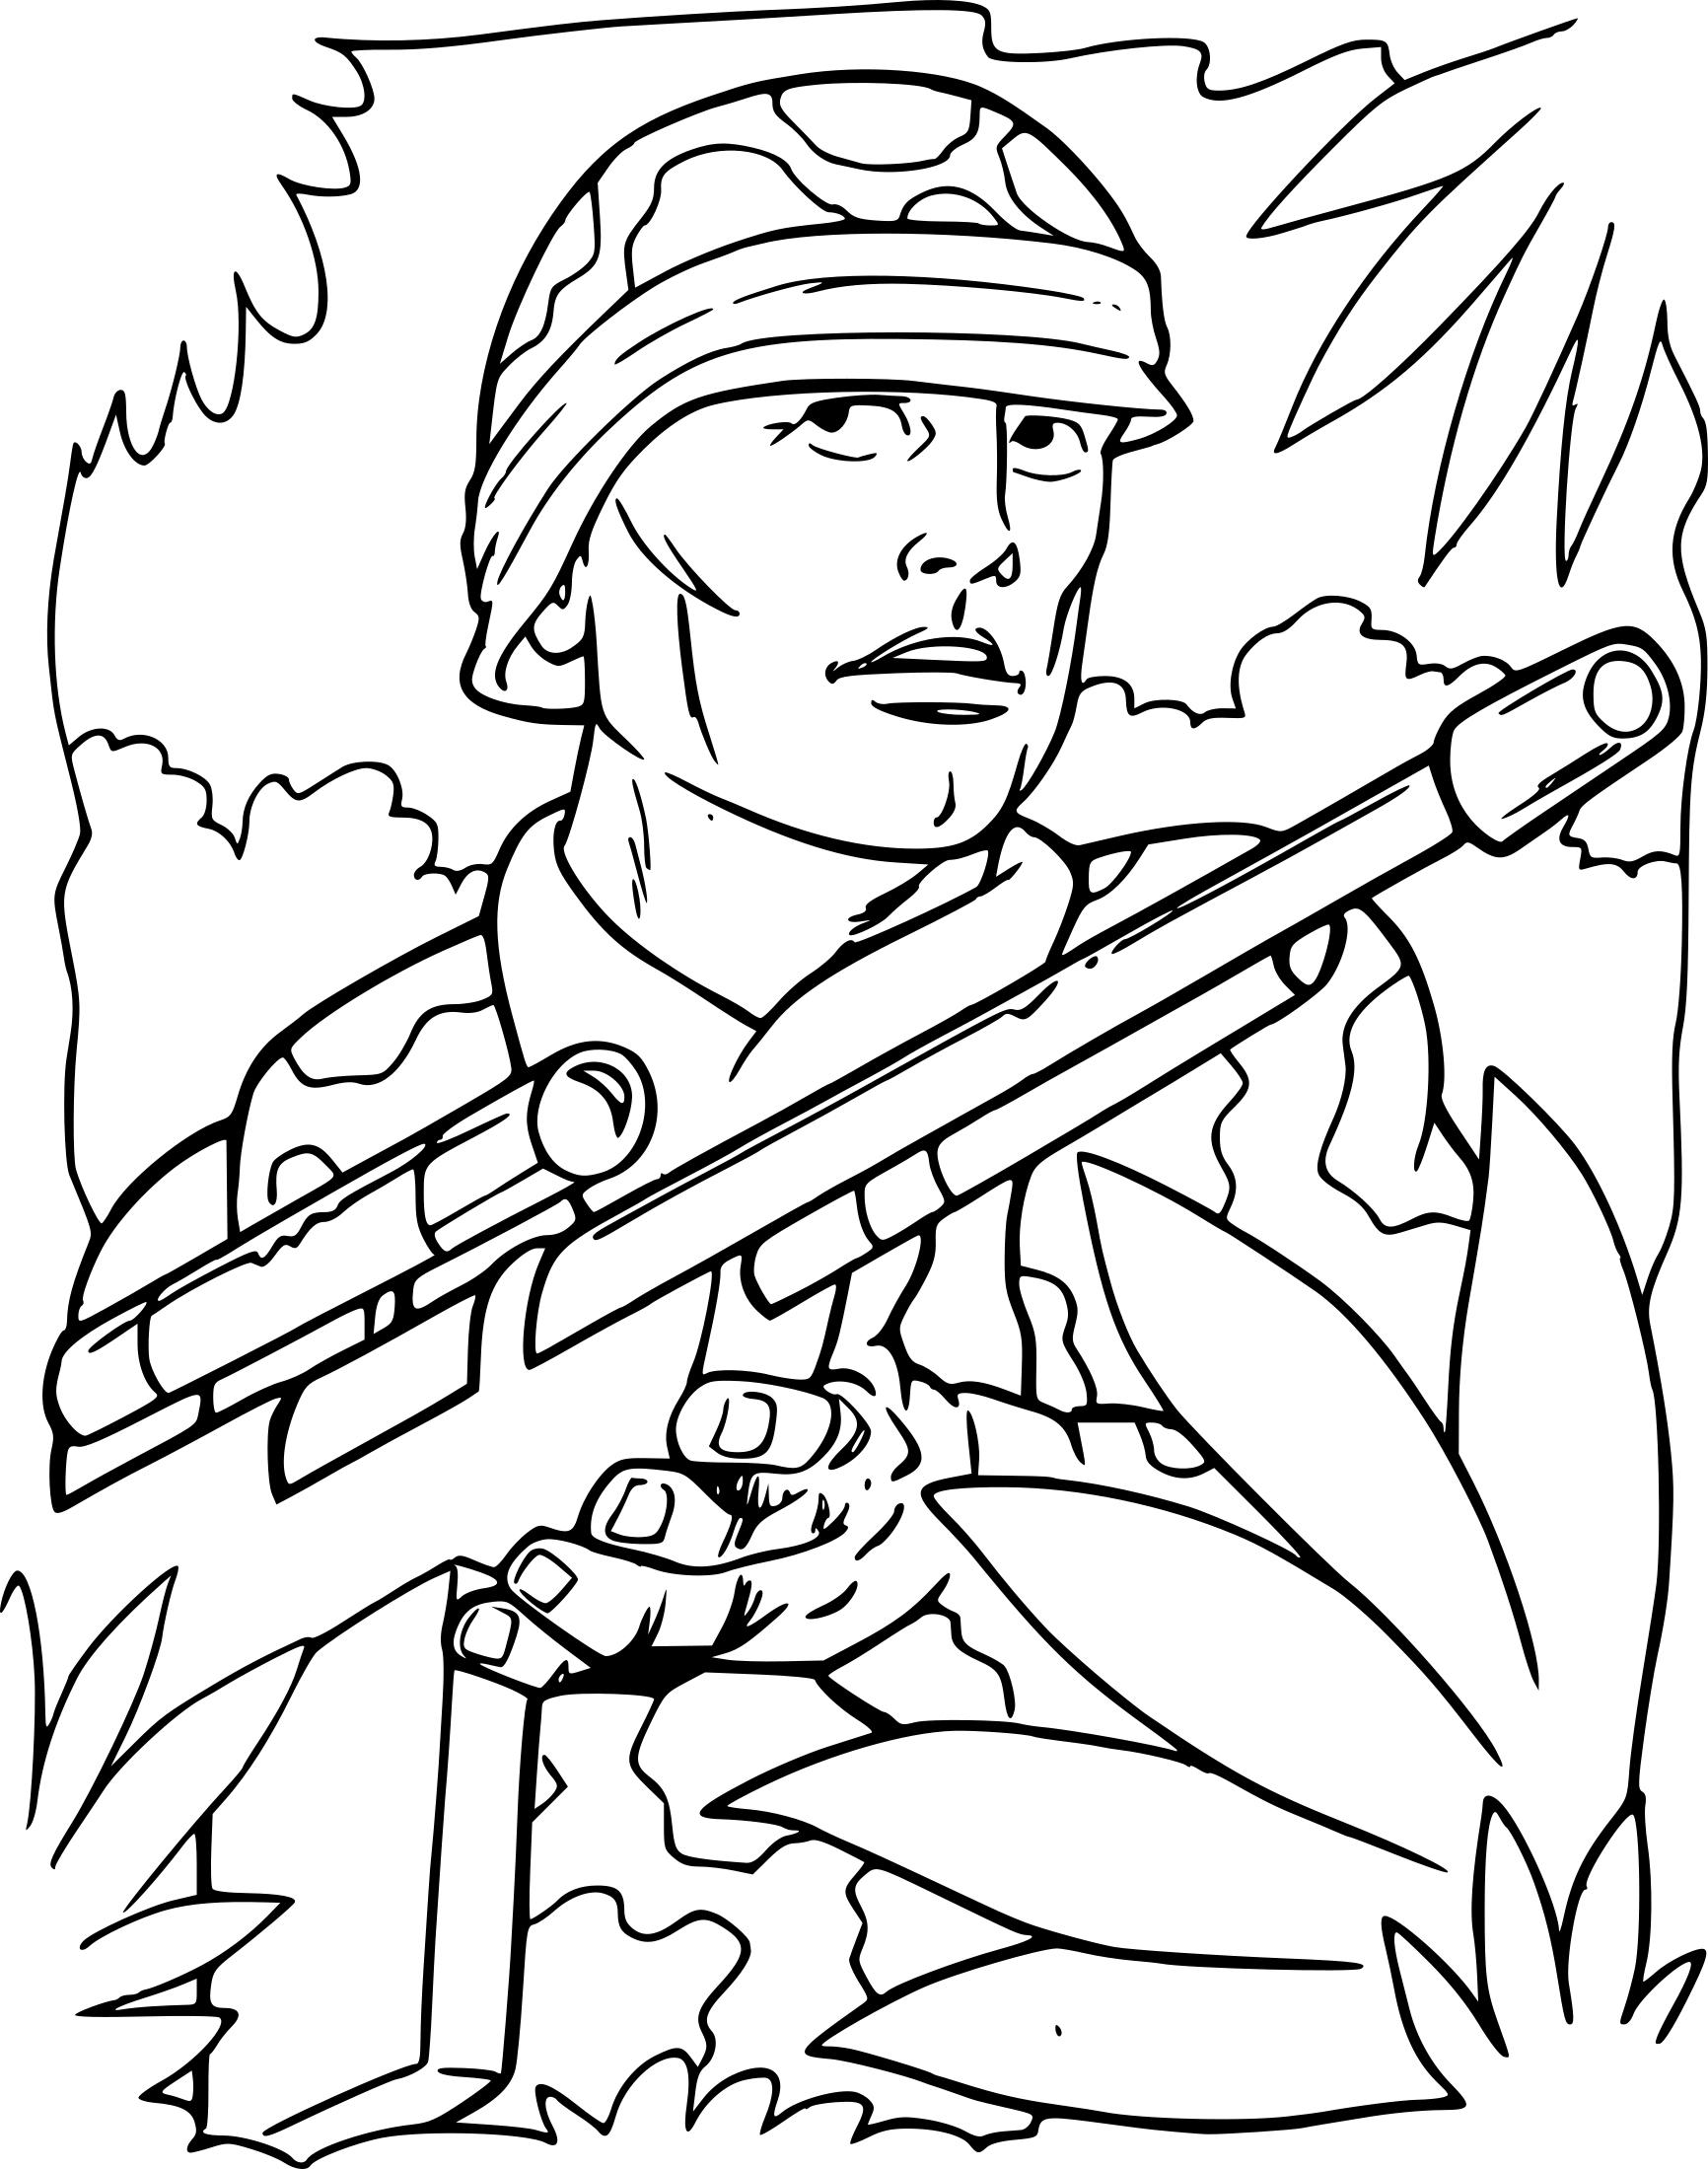 Coloriage soldat de guerre imprimer - Coloriage de chiot a imprimer ...